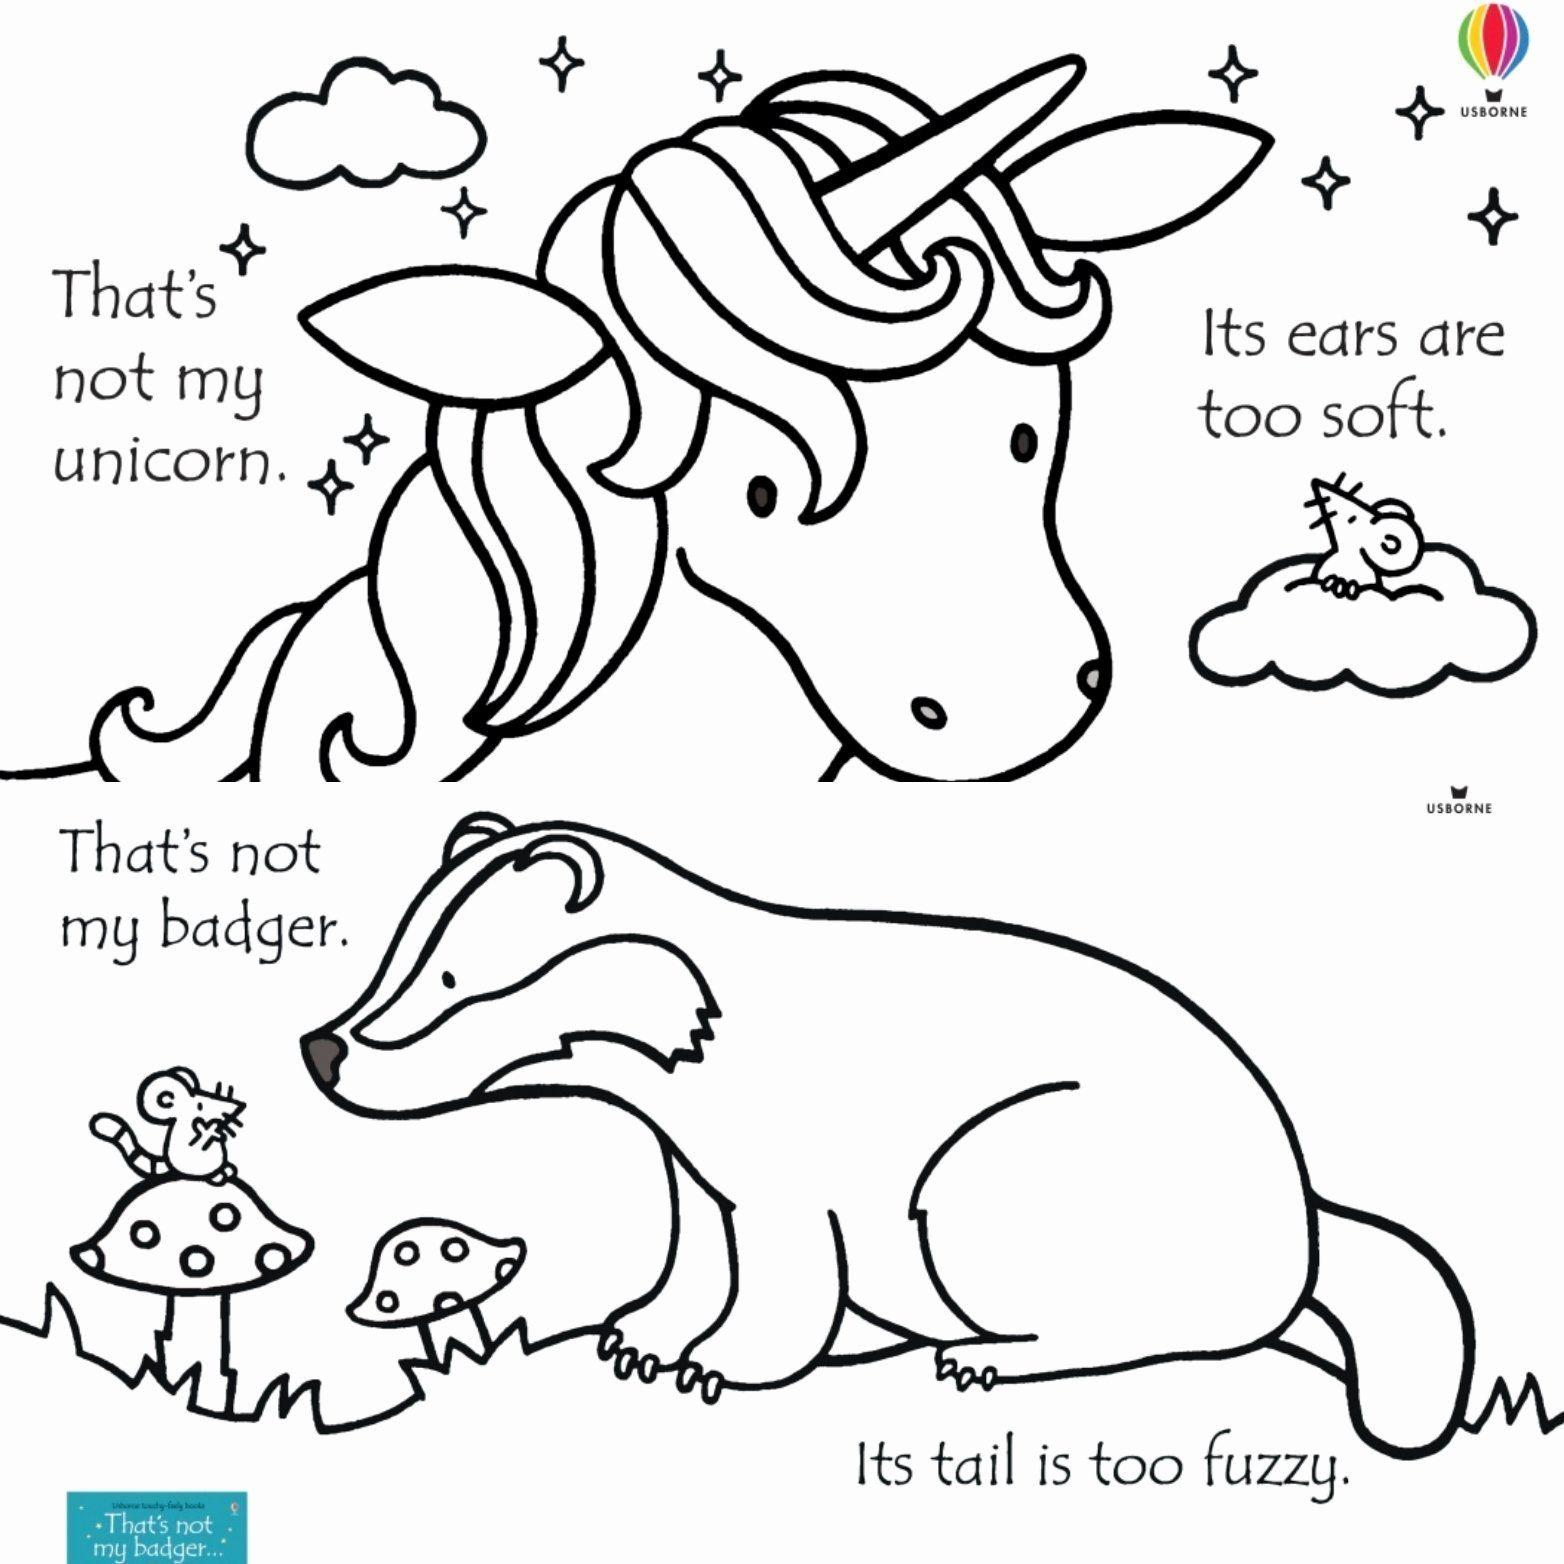 Unicorn Drawing Book Mark Luxury Kolorowanki Dla Maluszk W Usborne Poleca Bobogadka Step By Step Drawing Unicorn Drawing Bat Coloring Pages